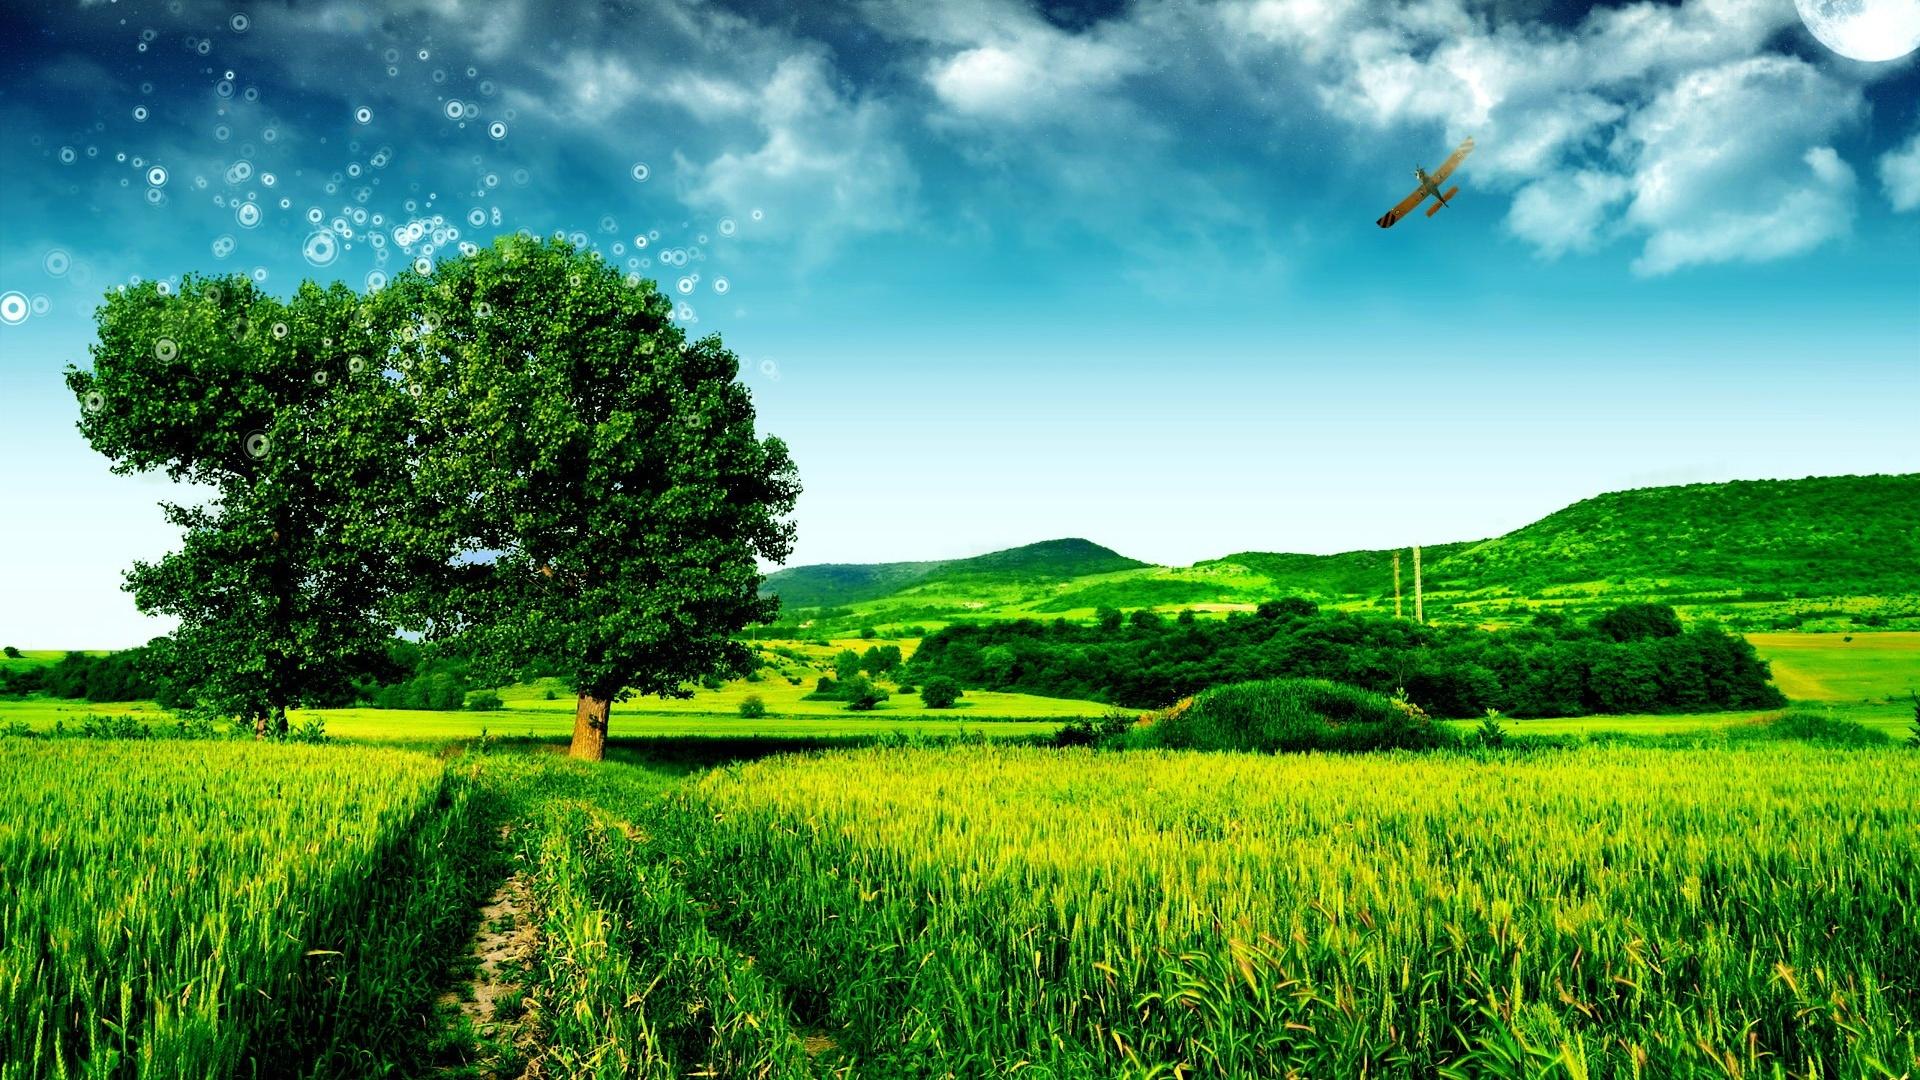 Wallpaper Dream Green Landscape 1920x1200 Hd Picture Image